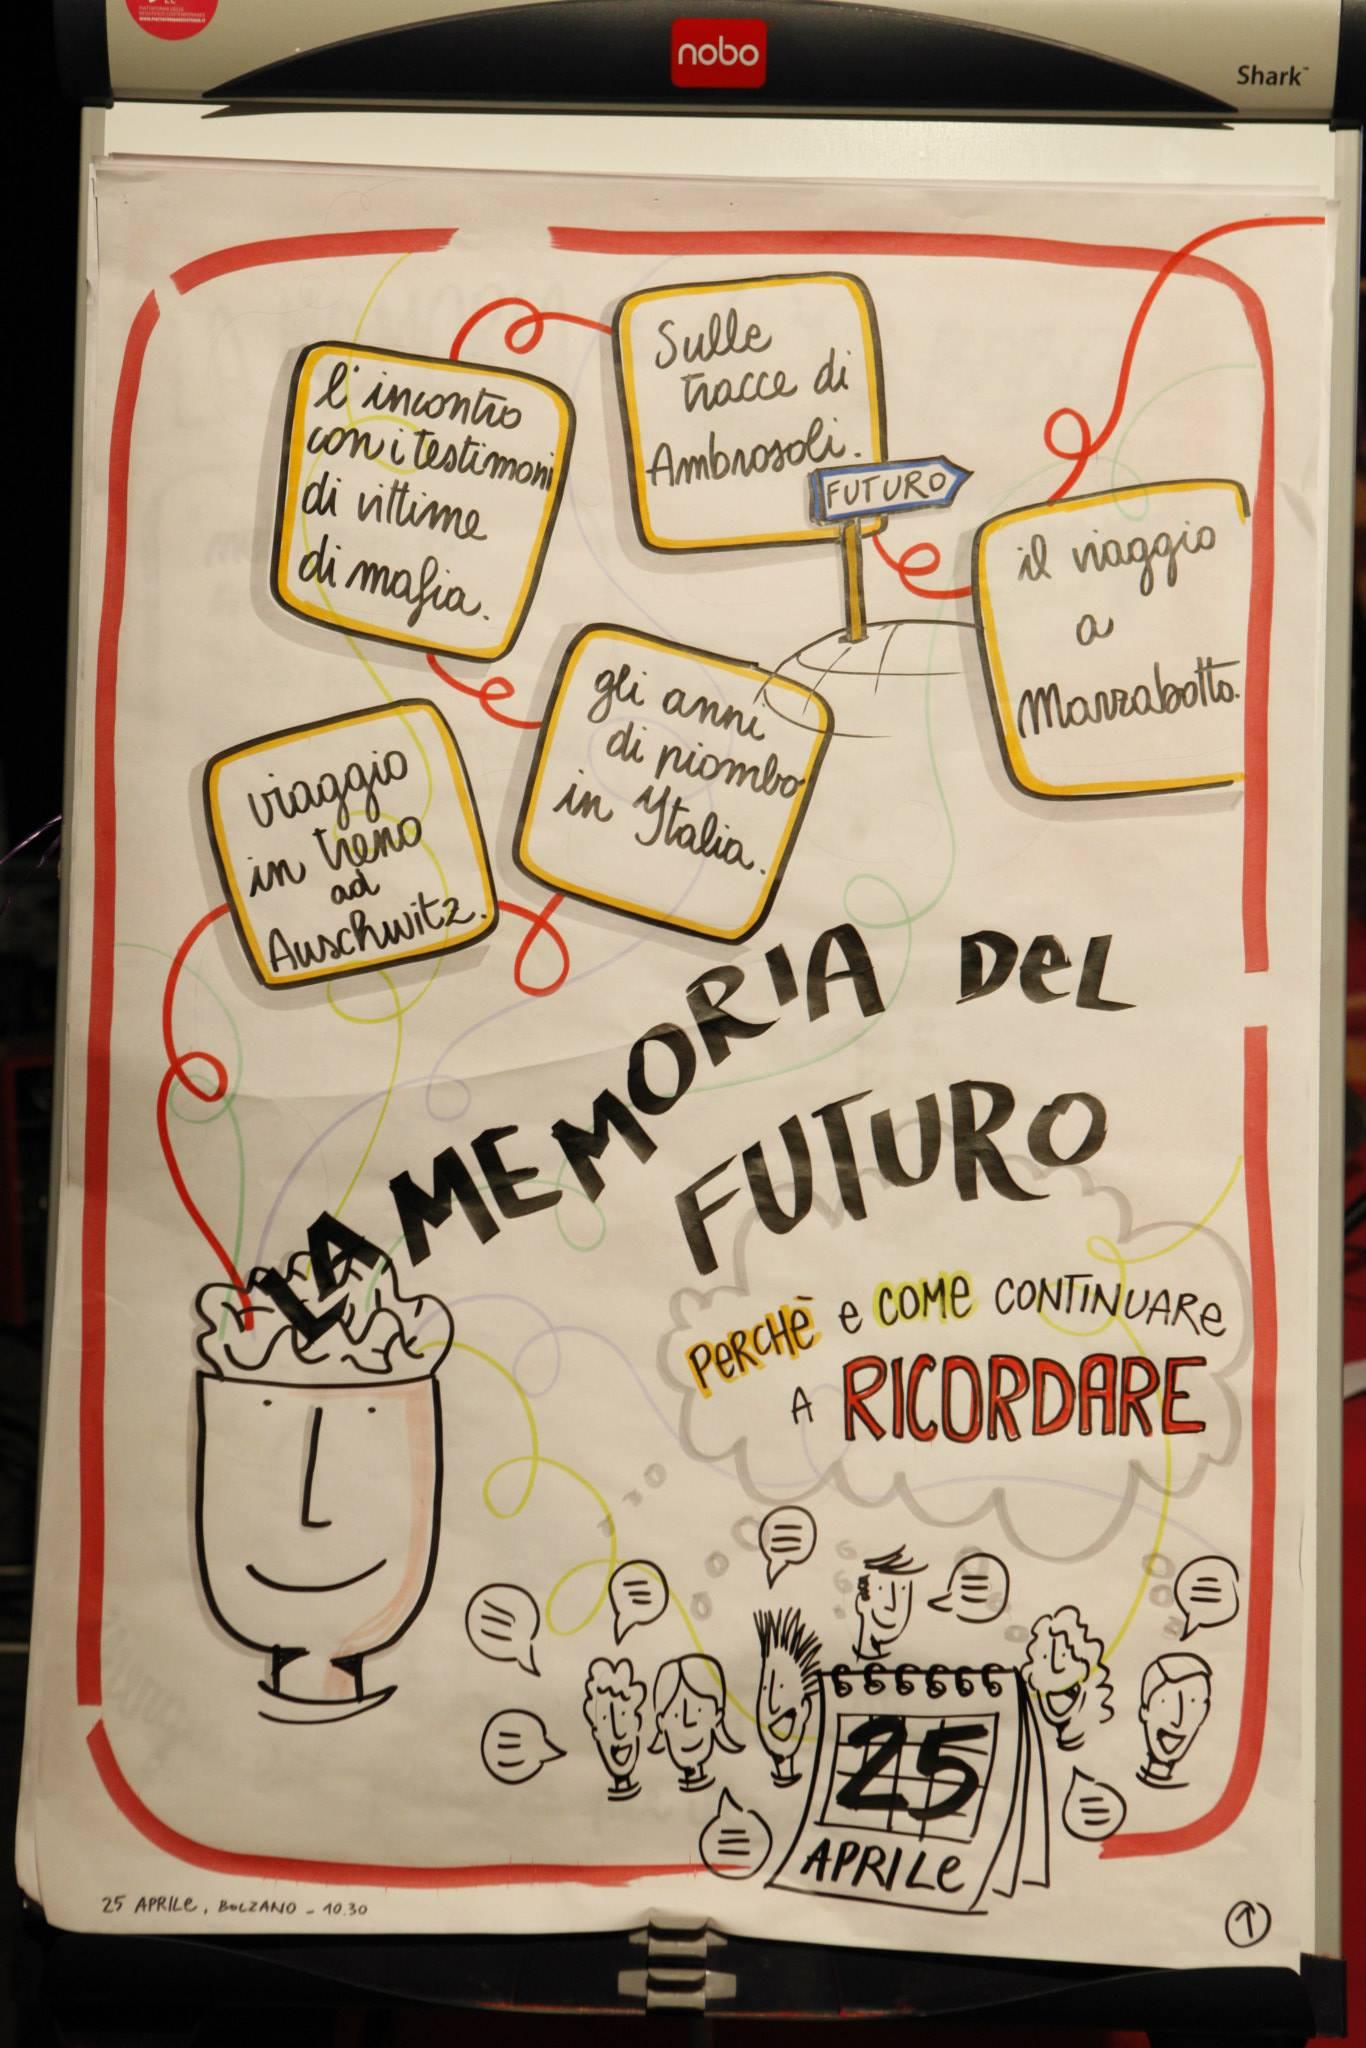 festival_resistenze_memoria_futuro